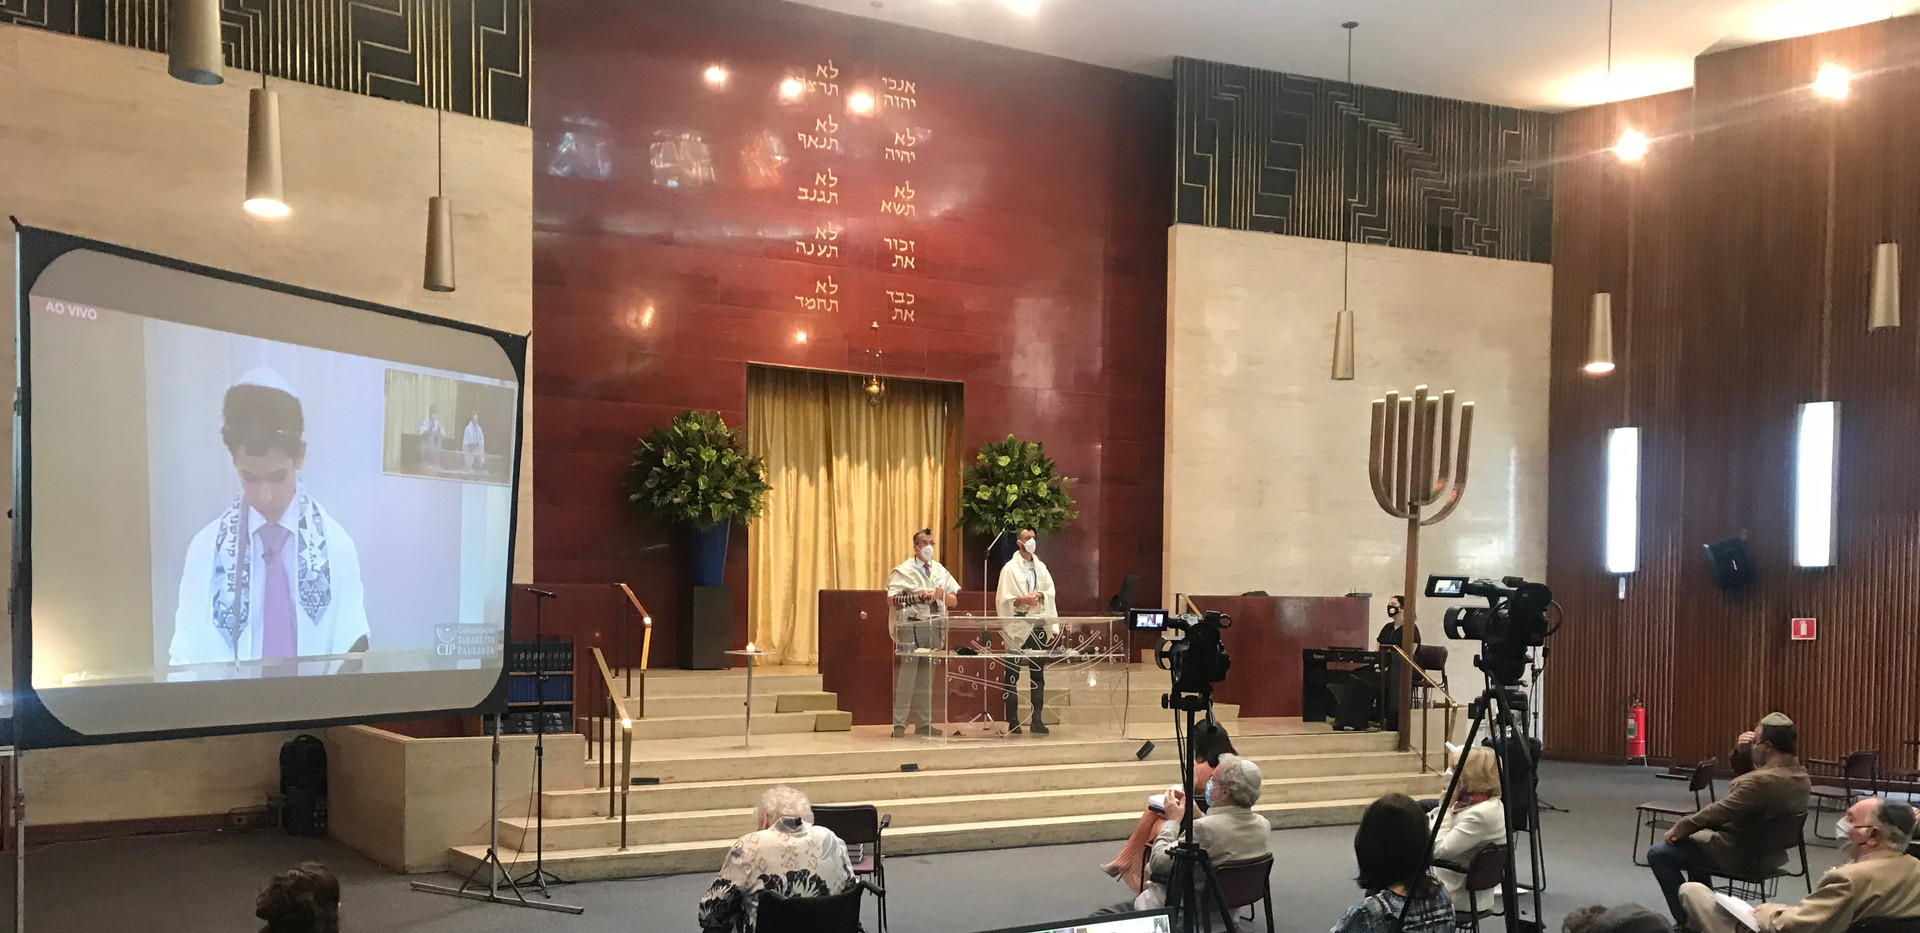 BarMitzvah_OnLine_Cinagoga_InternacionalBarMitzvah Híbrido | Brasil x Estados Unidos